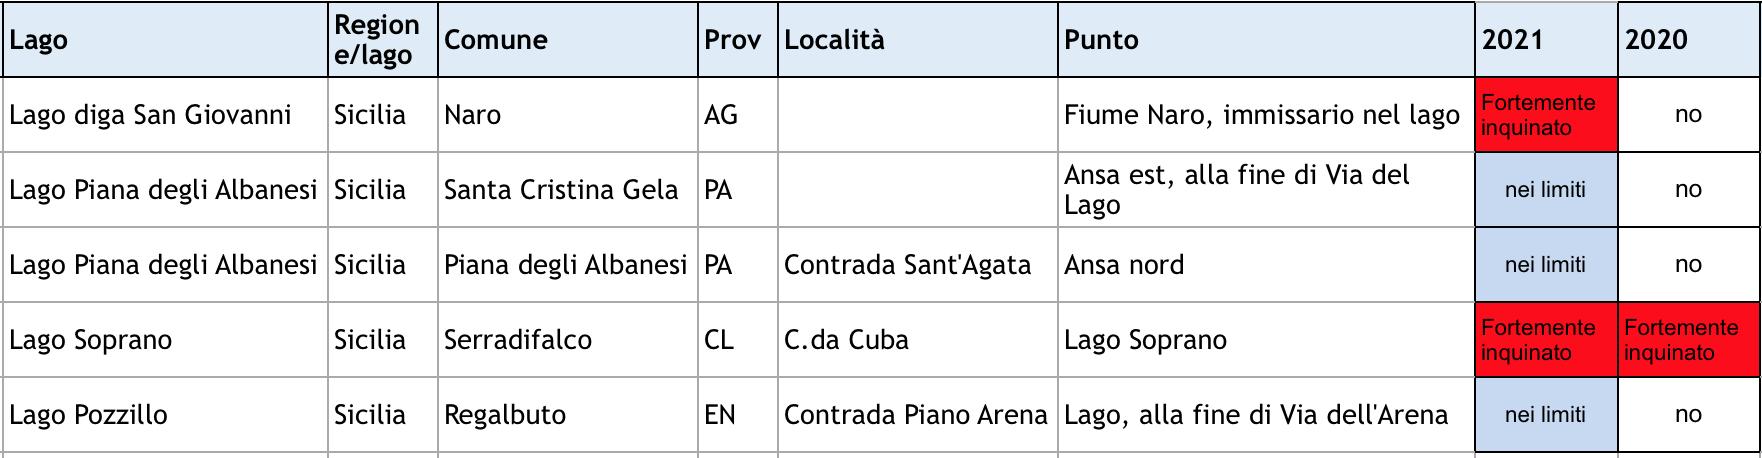 Dei cinque punti monitorati in quattro laghi siciliani dalla Goletta di Legambiente, due risultano fuori i limiti di legge